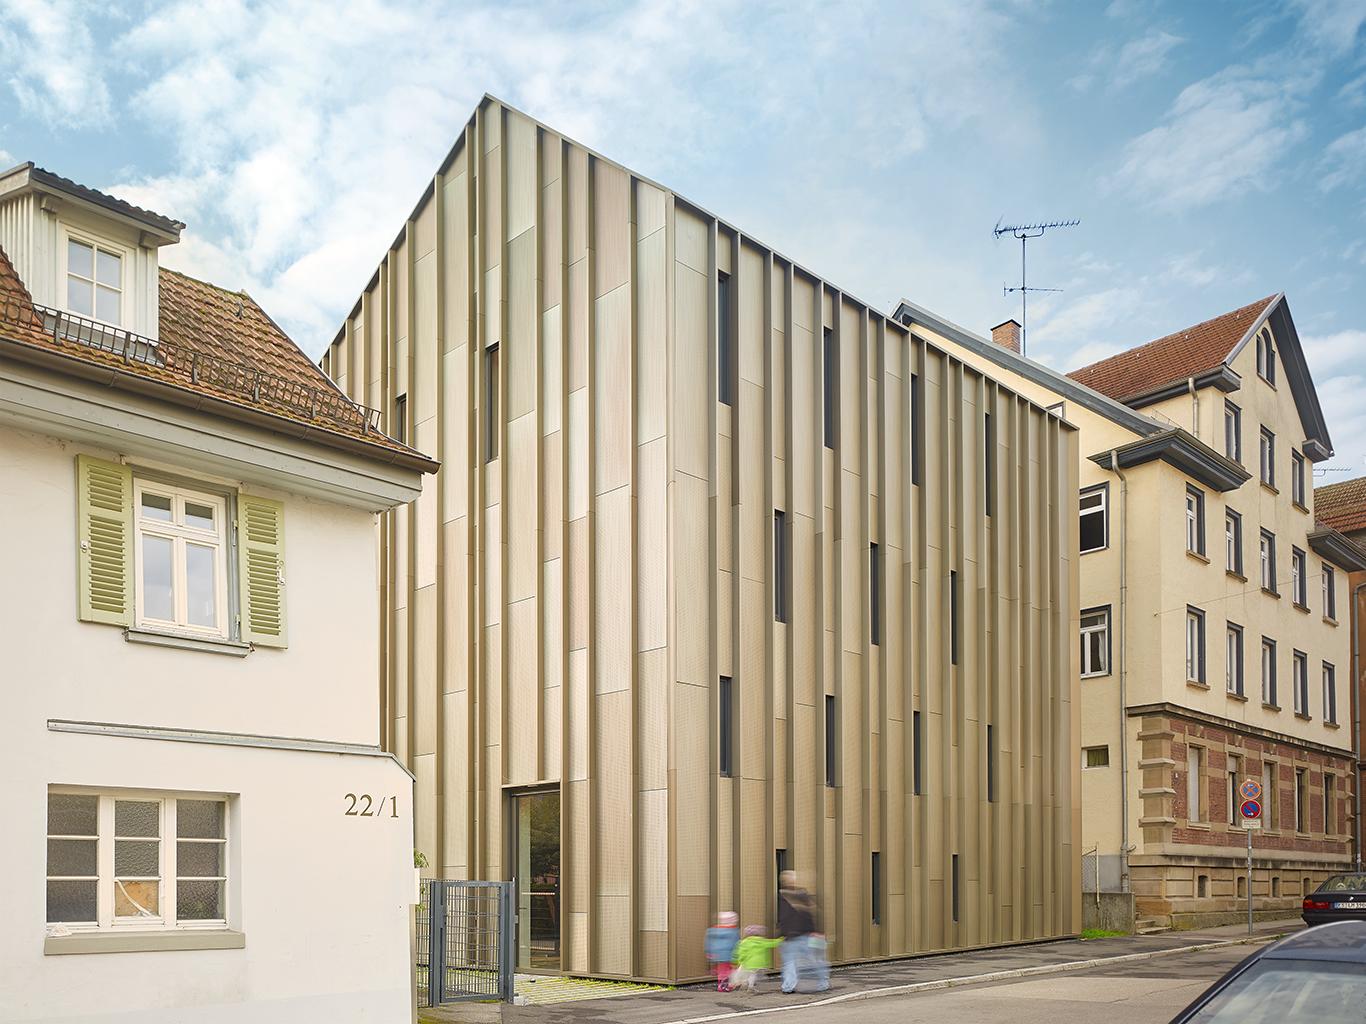 Achim birnbaum architektur fotografie portfolio von for Fh stuttgart architektur